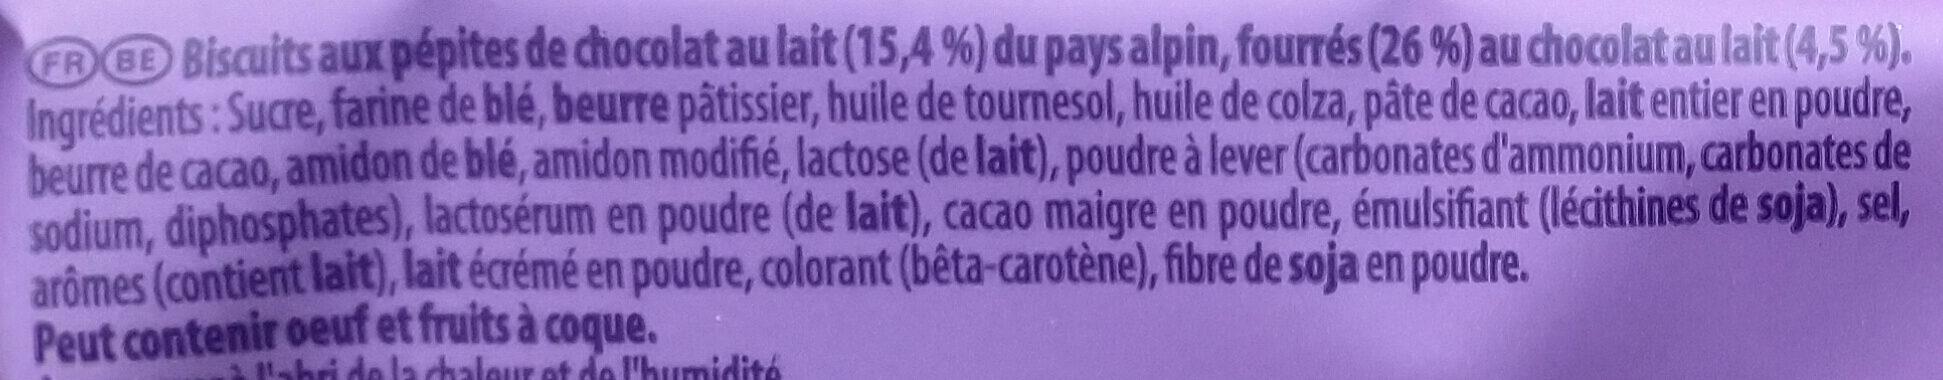 Cookies Sensations Coeur Choco - Ingrédients - fr